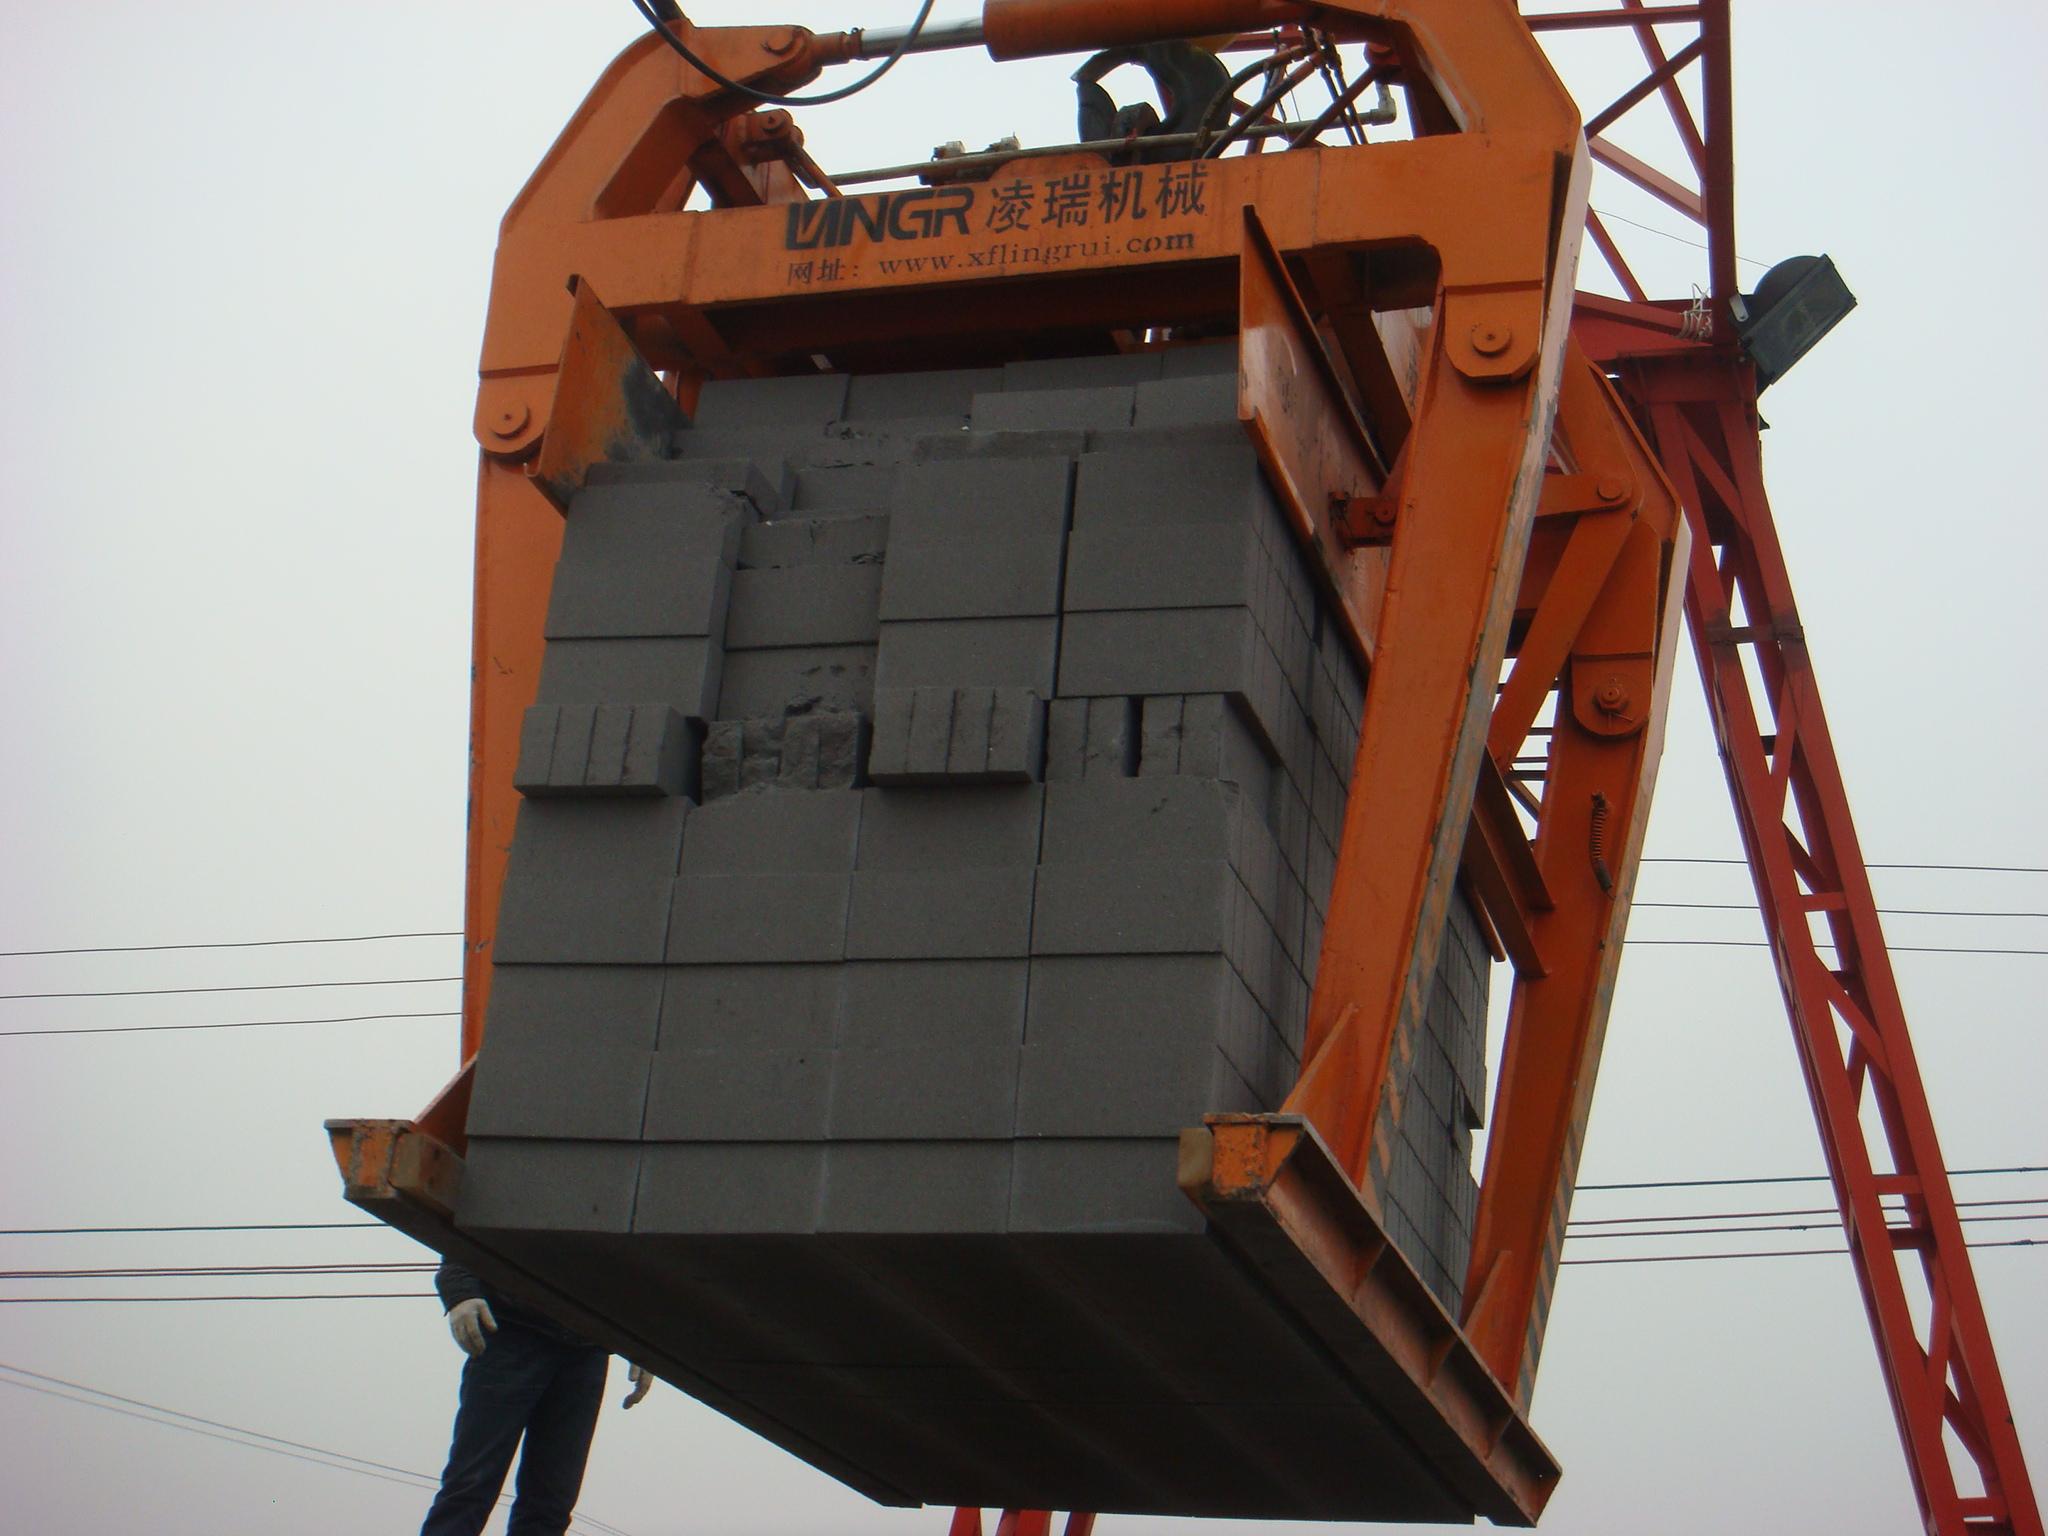 夾磚機在日常使用中具備注意的問題